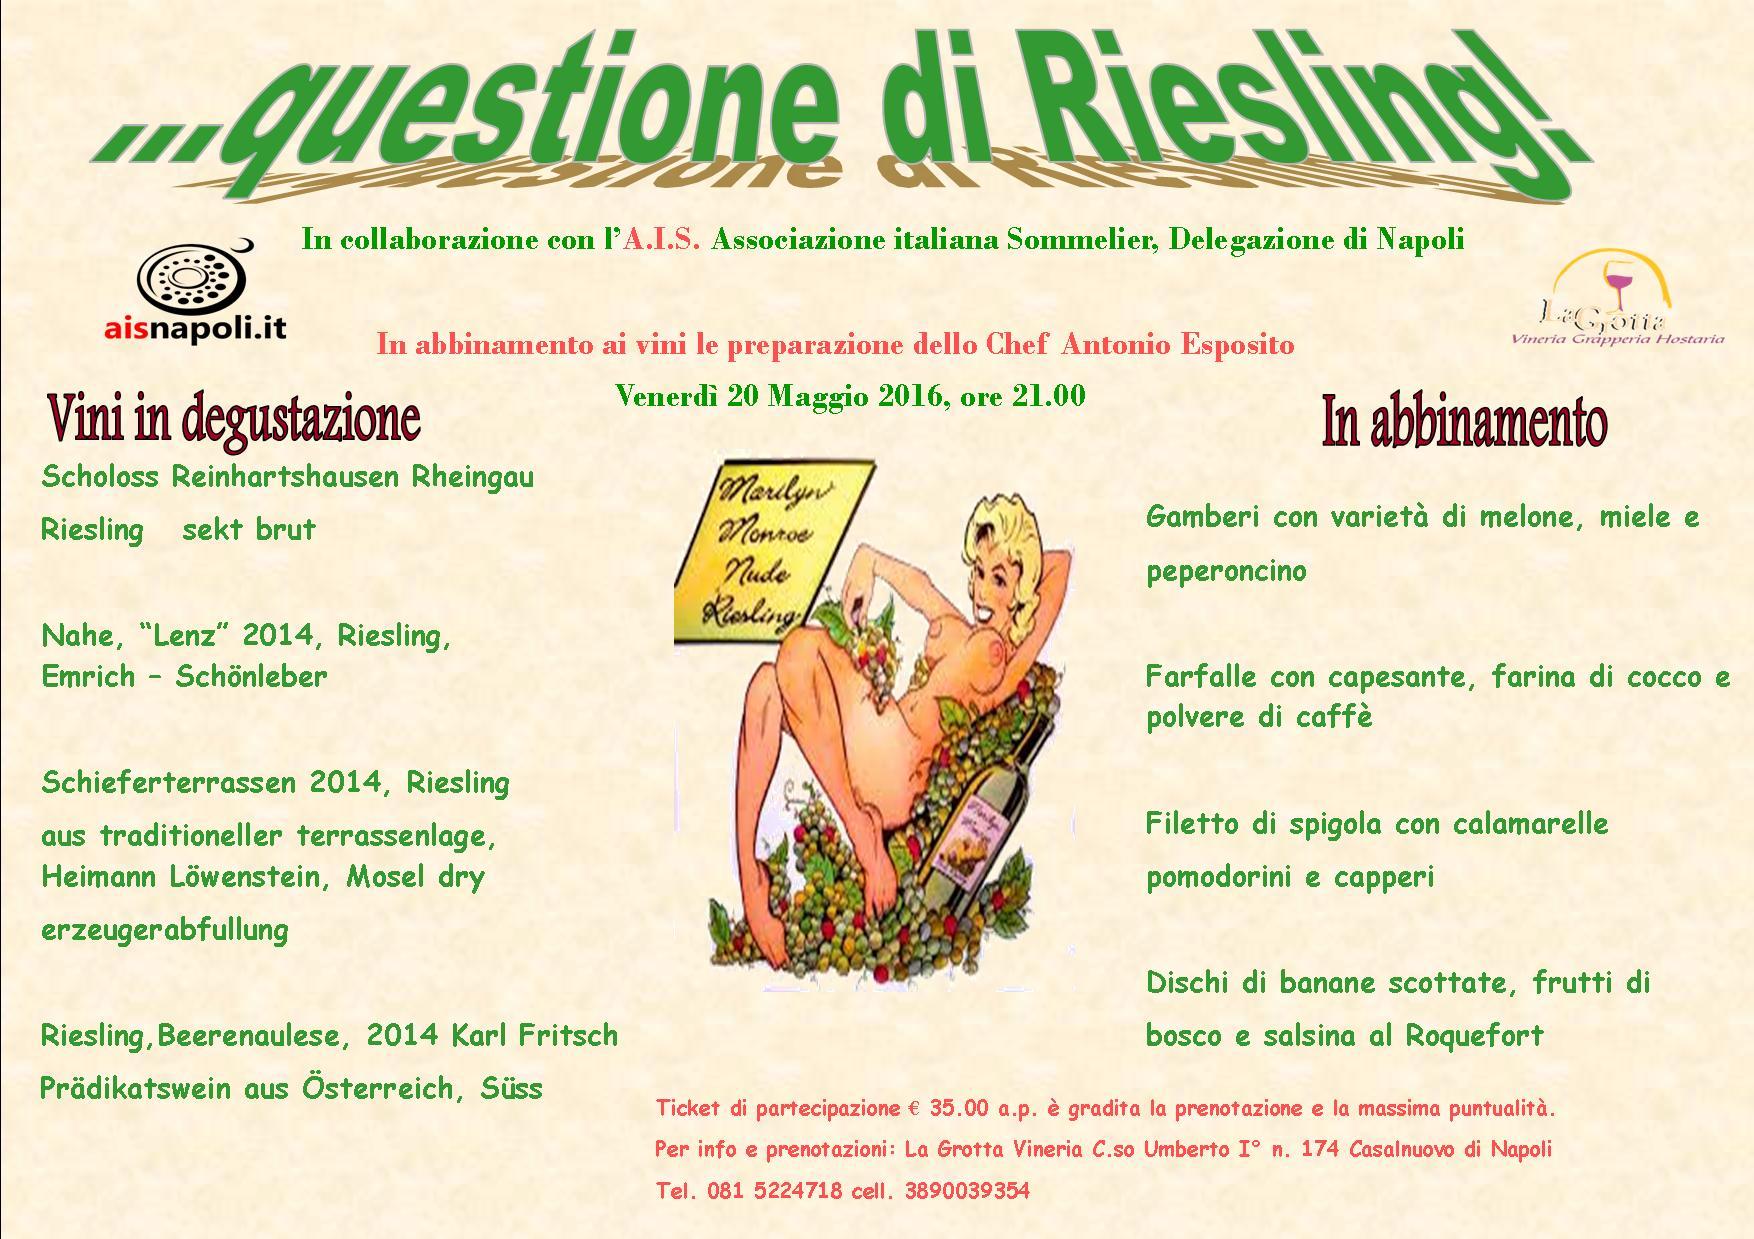 Questione di Riesling definitiva per Tomm.2